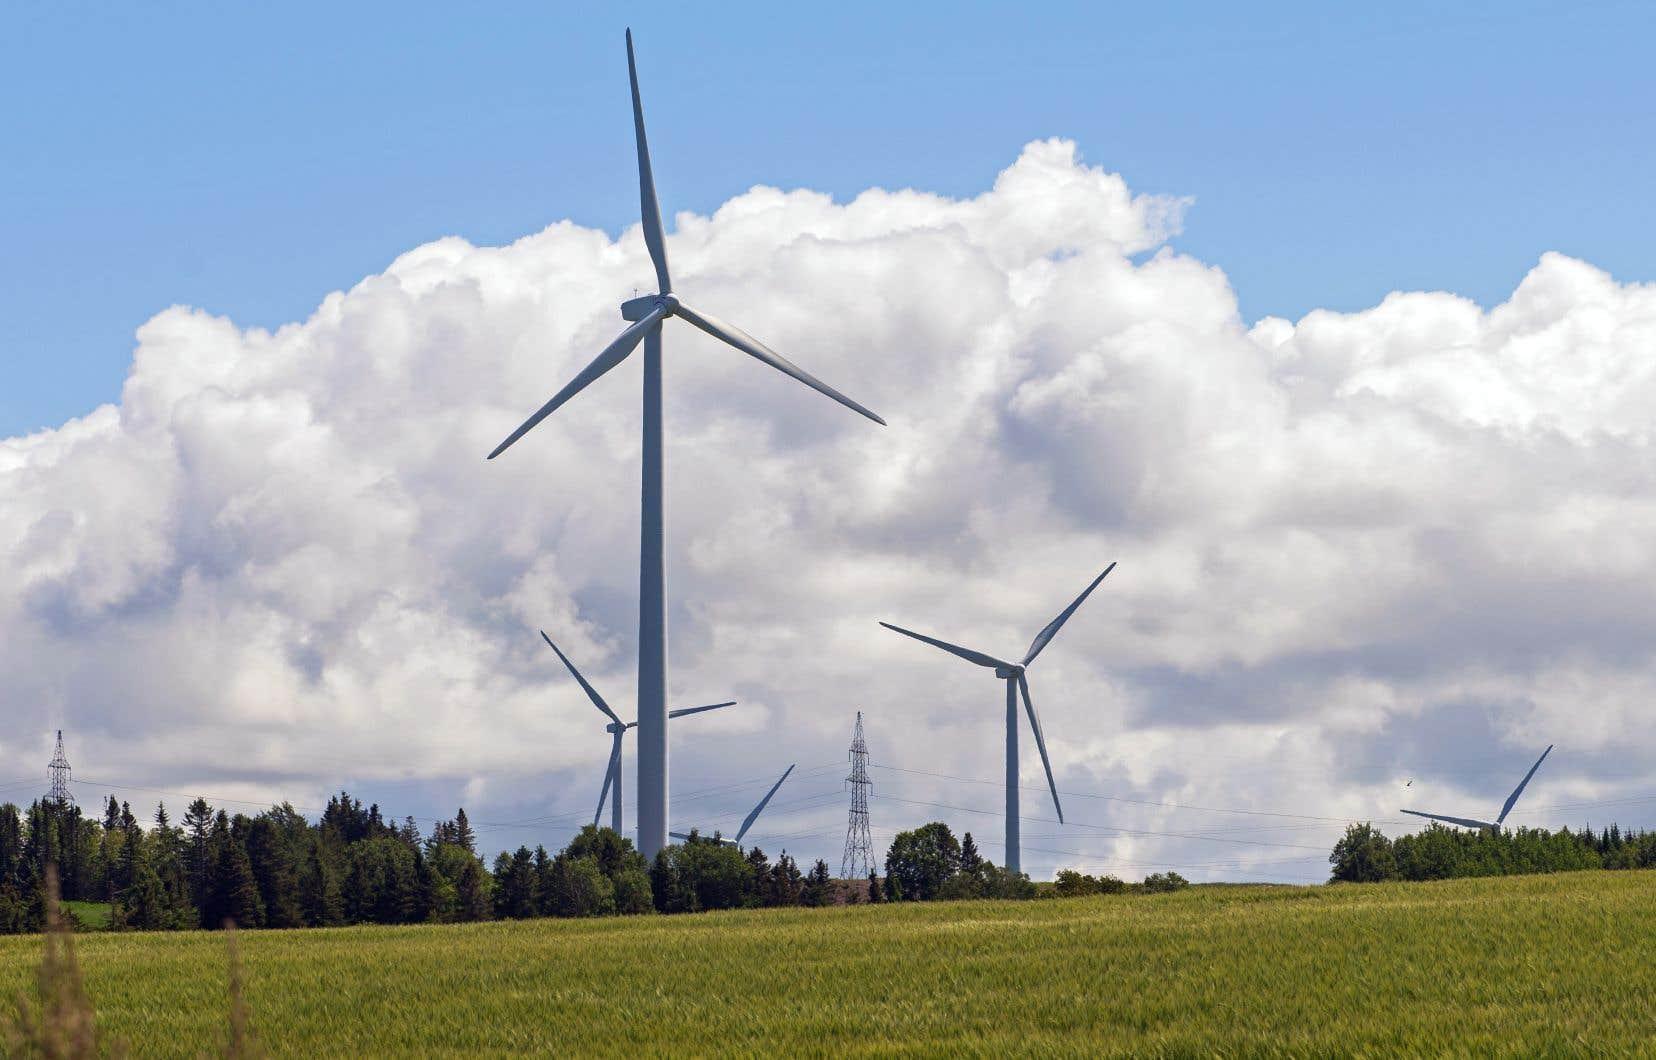 Actuellement, Hydro s'approvisionne auprès de producteurs éoliens privés, mais n'est pas actionnaire ou copropriétaire de ces parcs d'éoliennes.